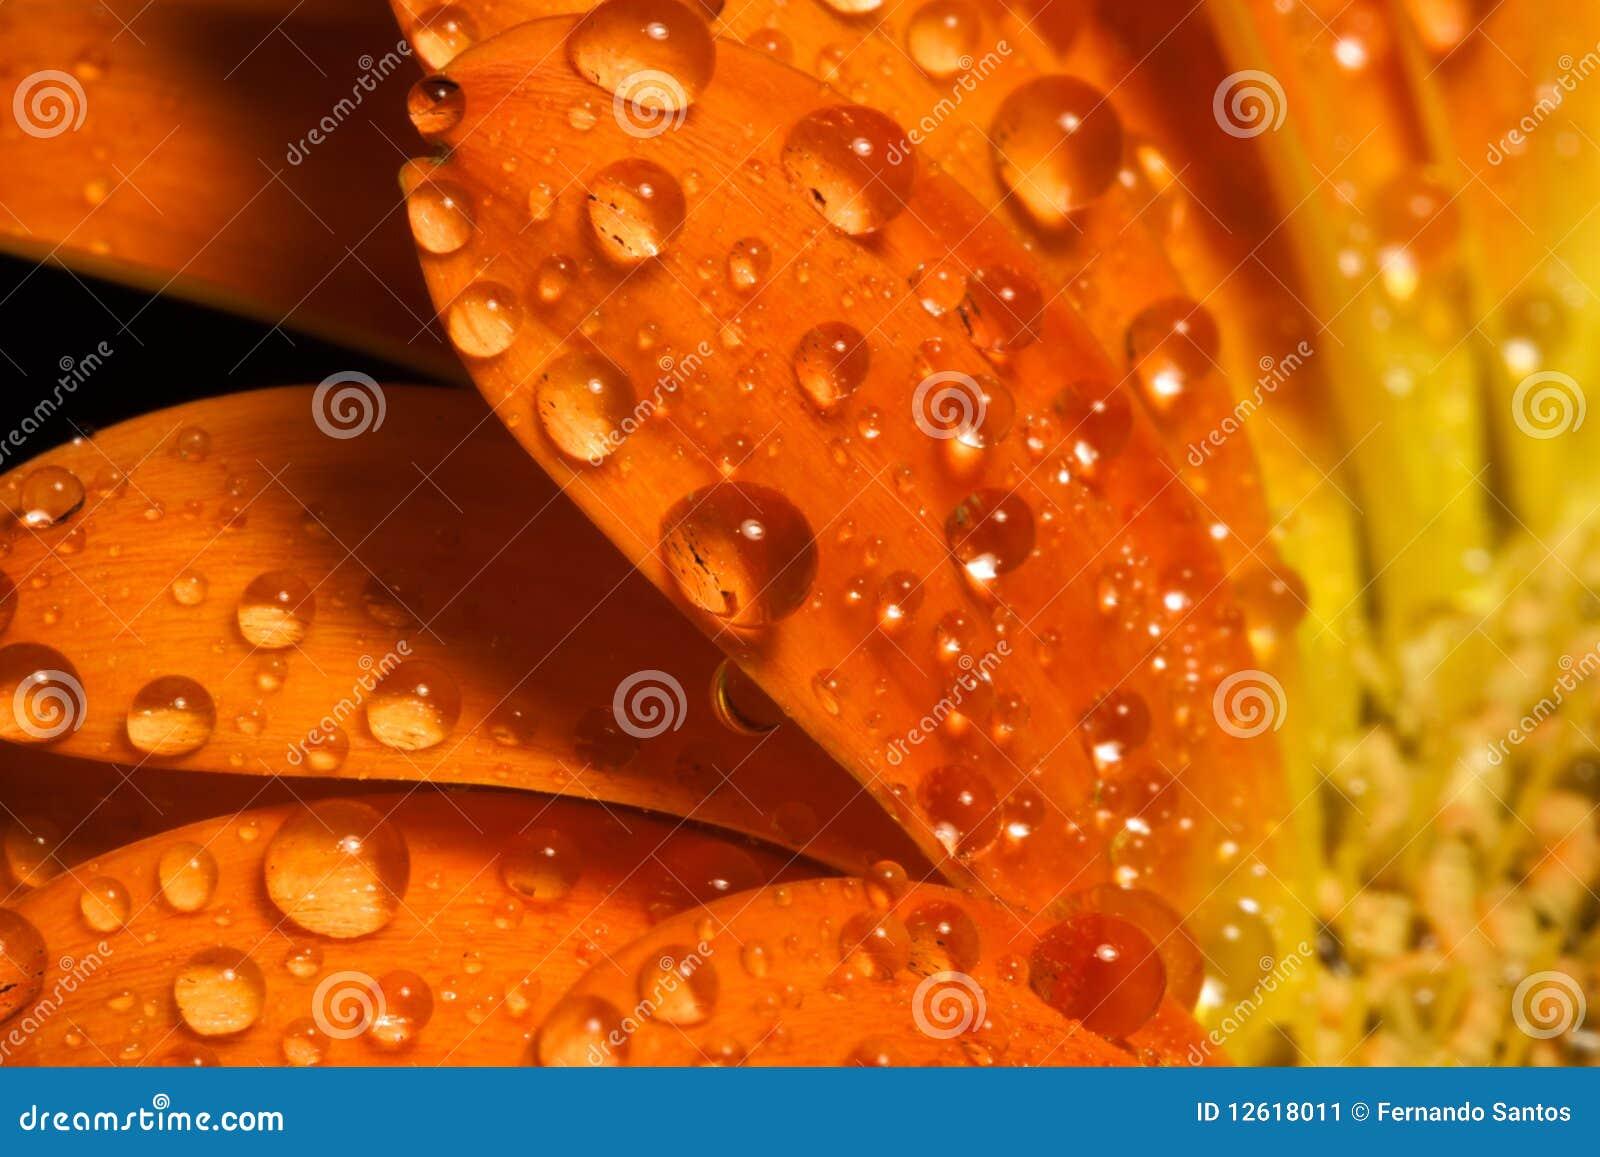 Gocce a macroistruzione dell acqua del fiore arancione